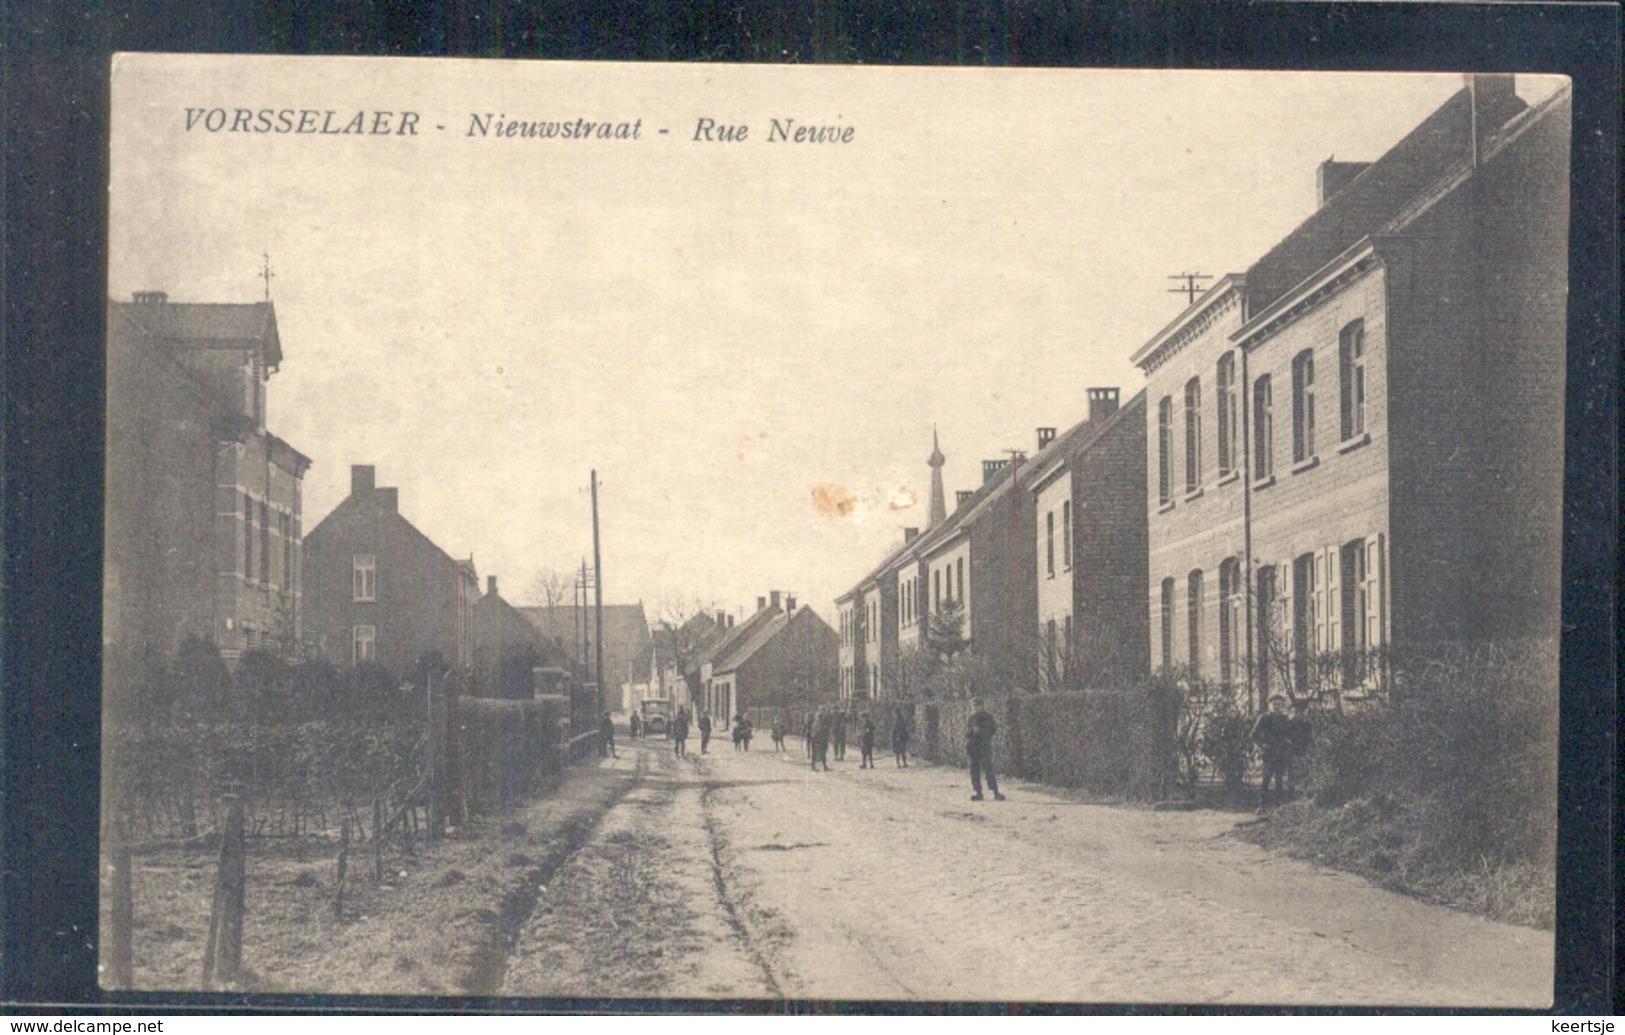 Vorsselaer - Nieuwstraat - Rue Neuve - 1920 - Belgique